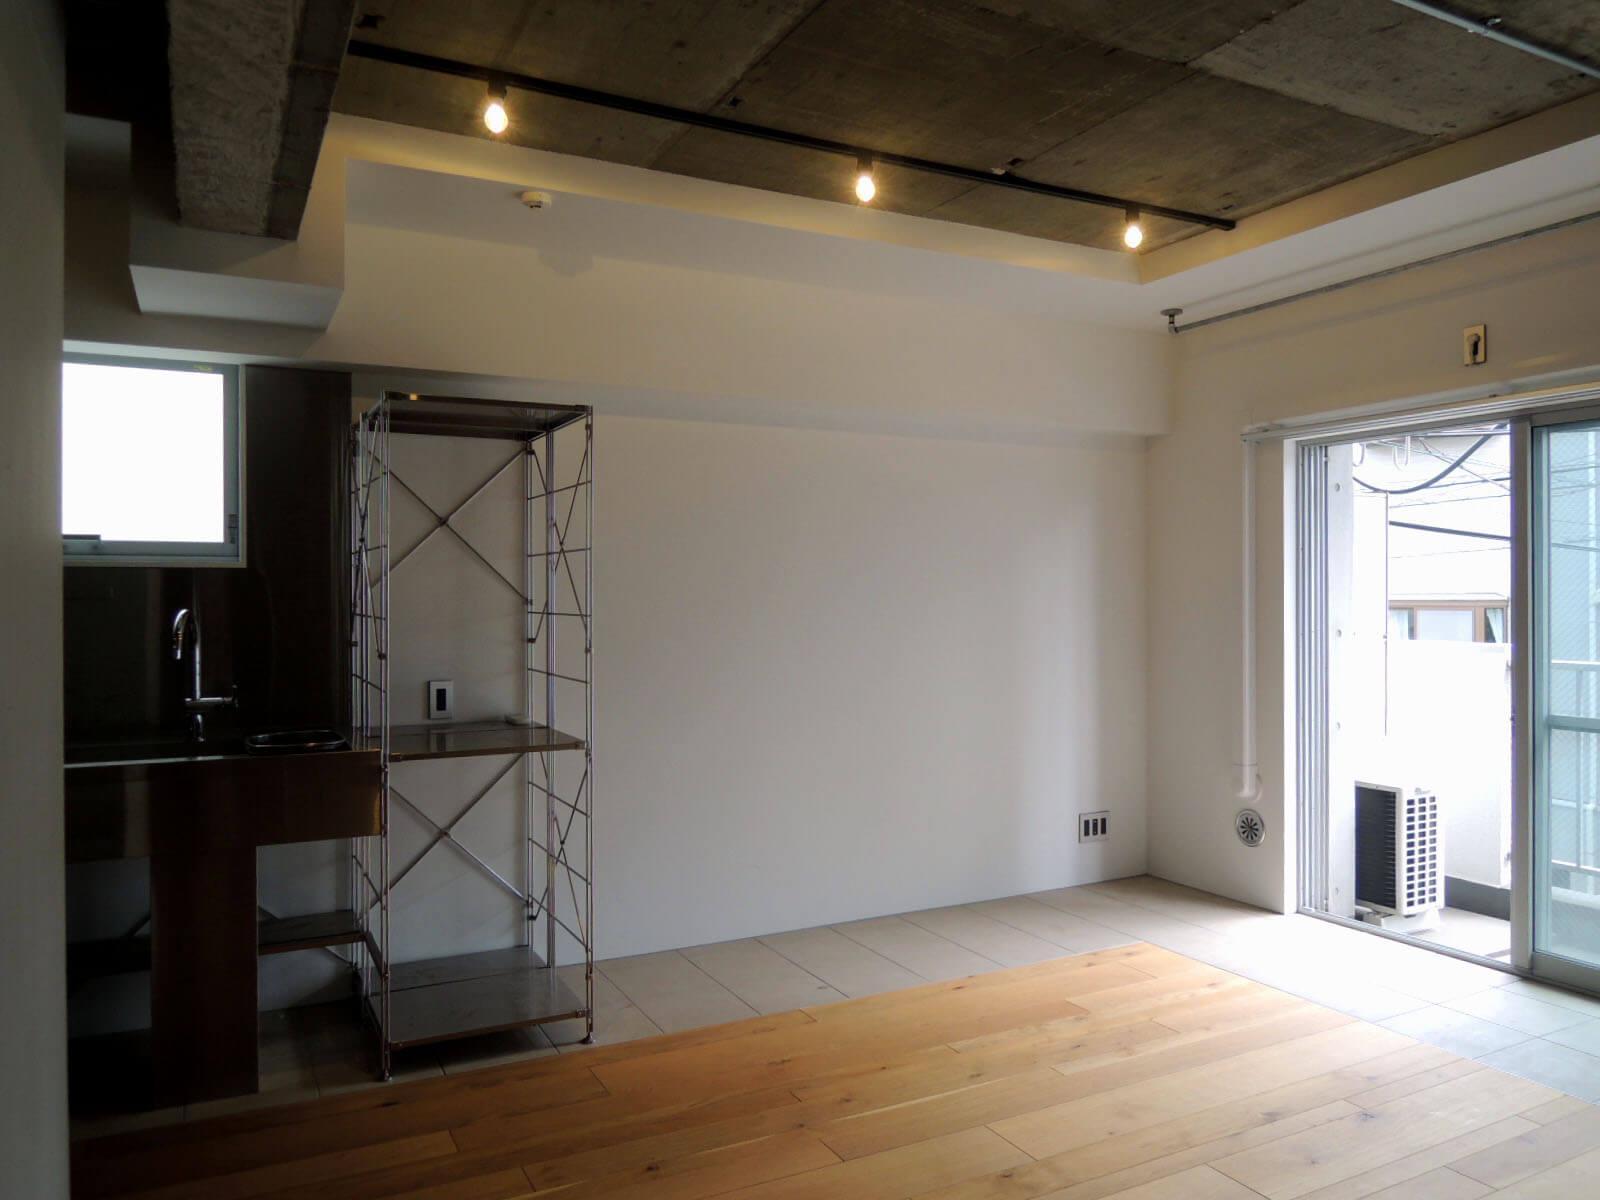 【家】壁際にはソファを置いたり、本棚やテレビ台を並べてみても